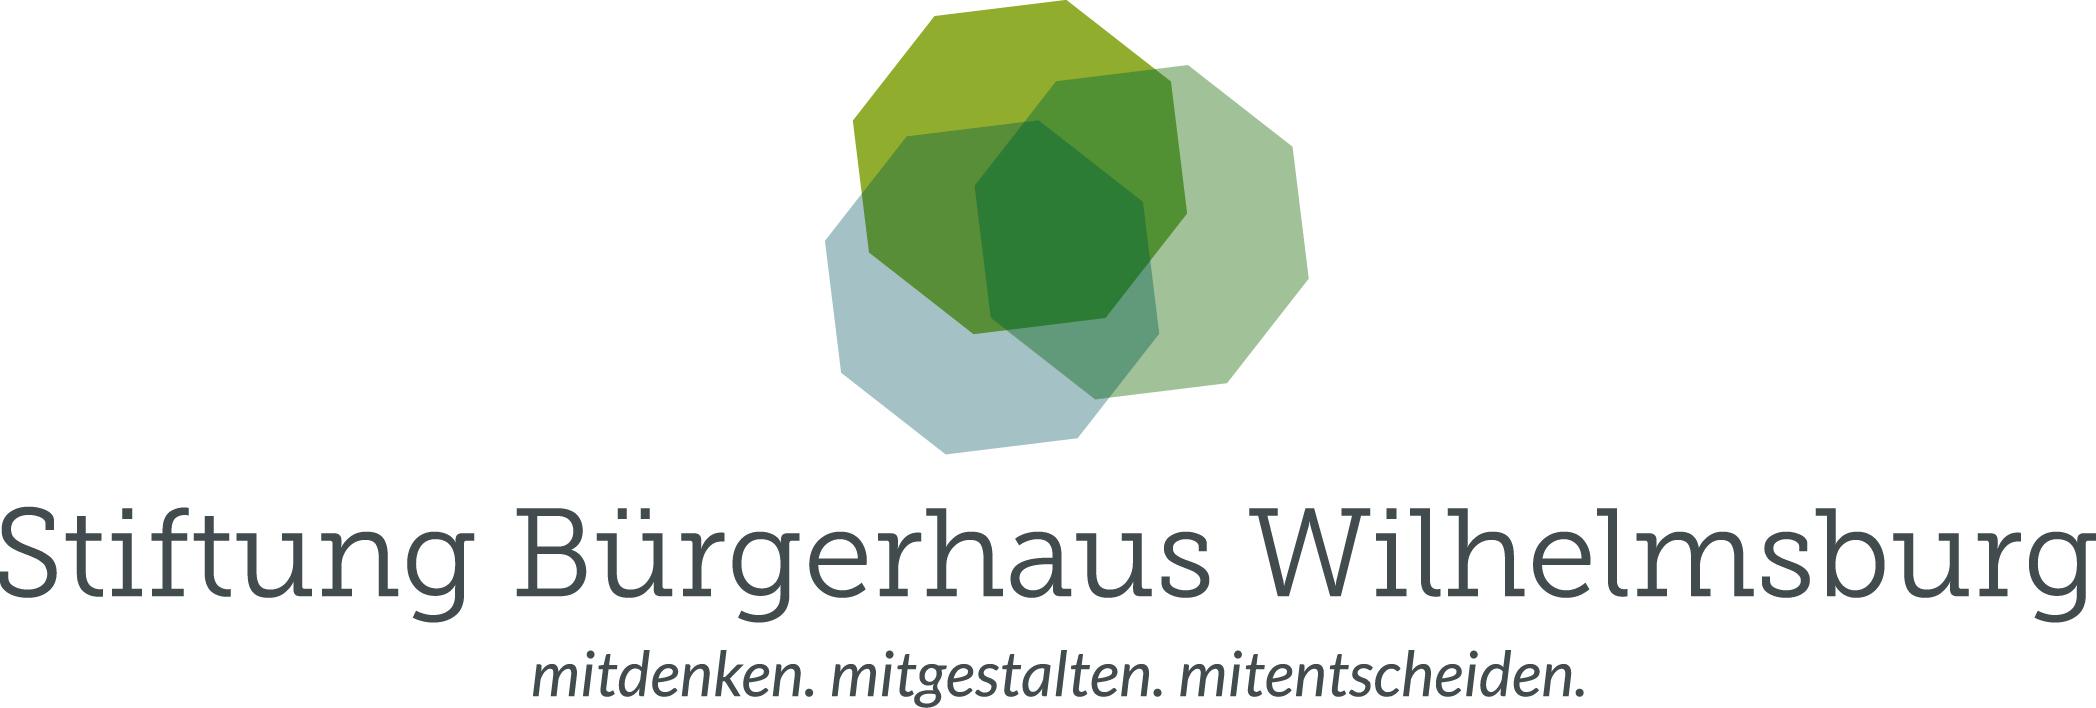 Logo Stiftung Bürgerhaus Wilhelmsburg